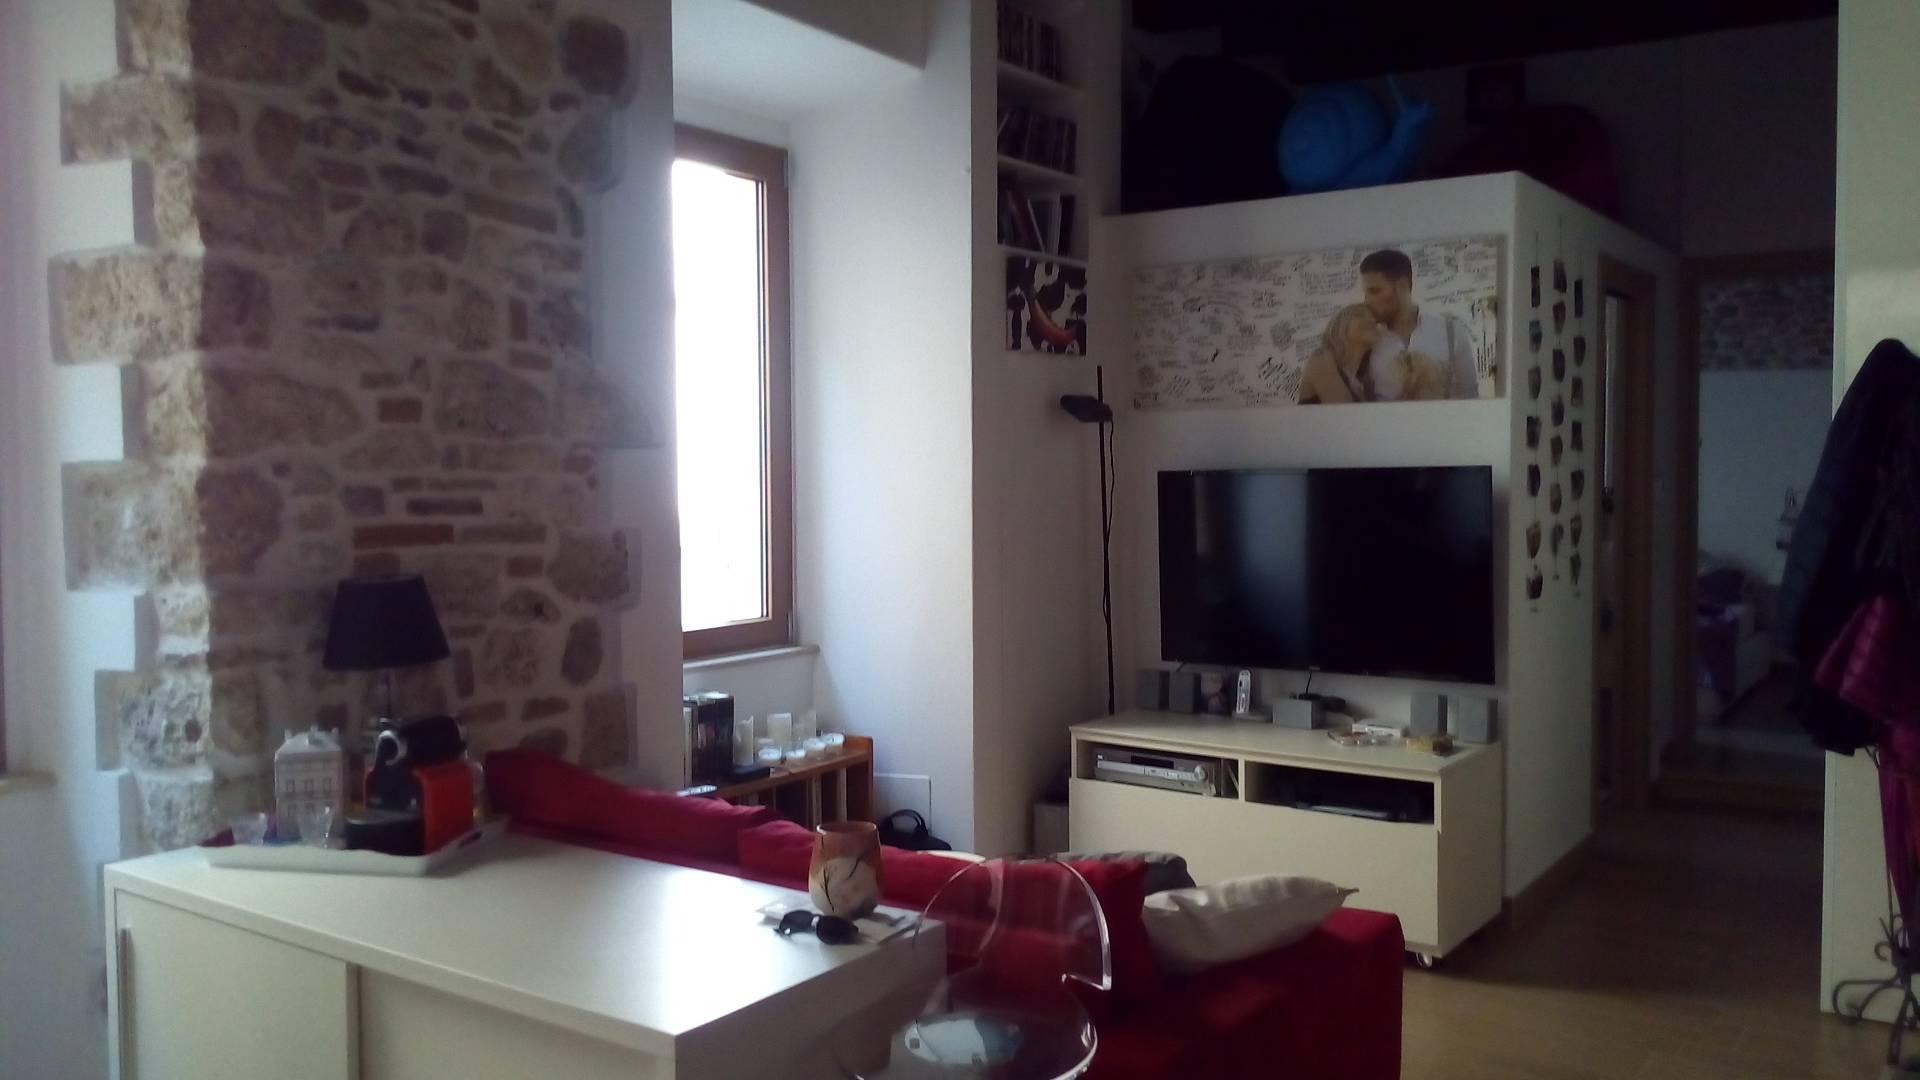 Appartamento in vendita a Ascoli Piceno, 2 locali, zona Località: CentroStorico, prezzo € 110.000 | Cambio Casa.it